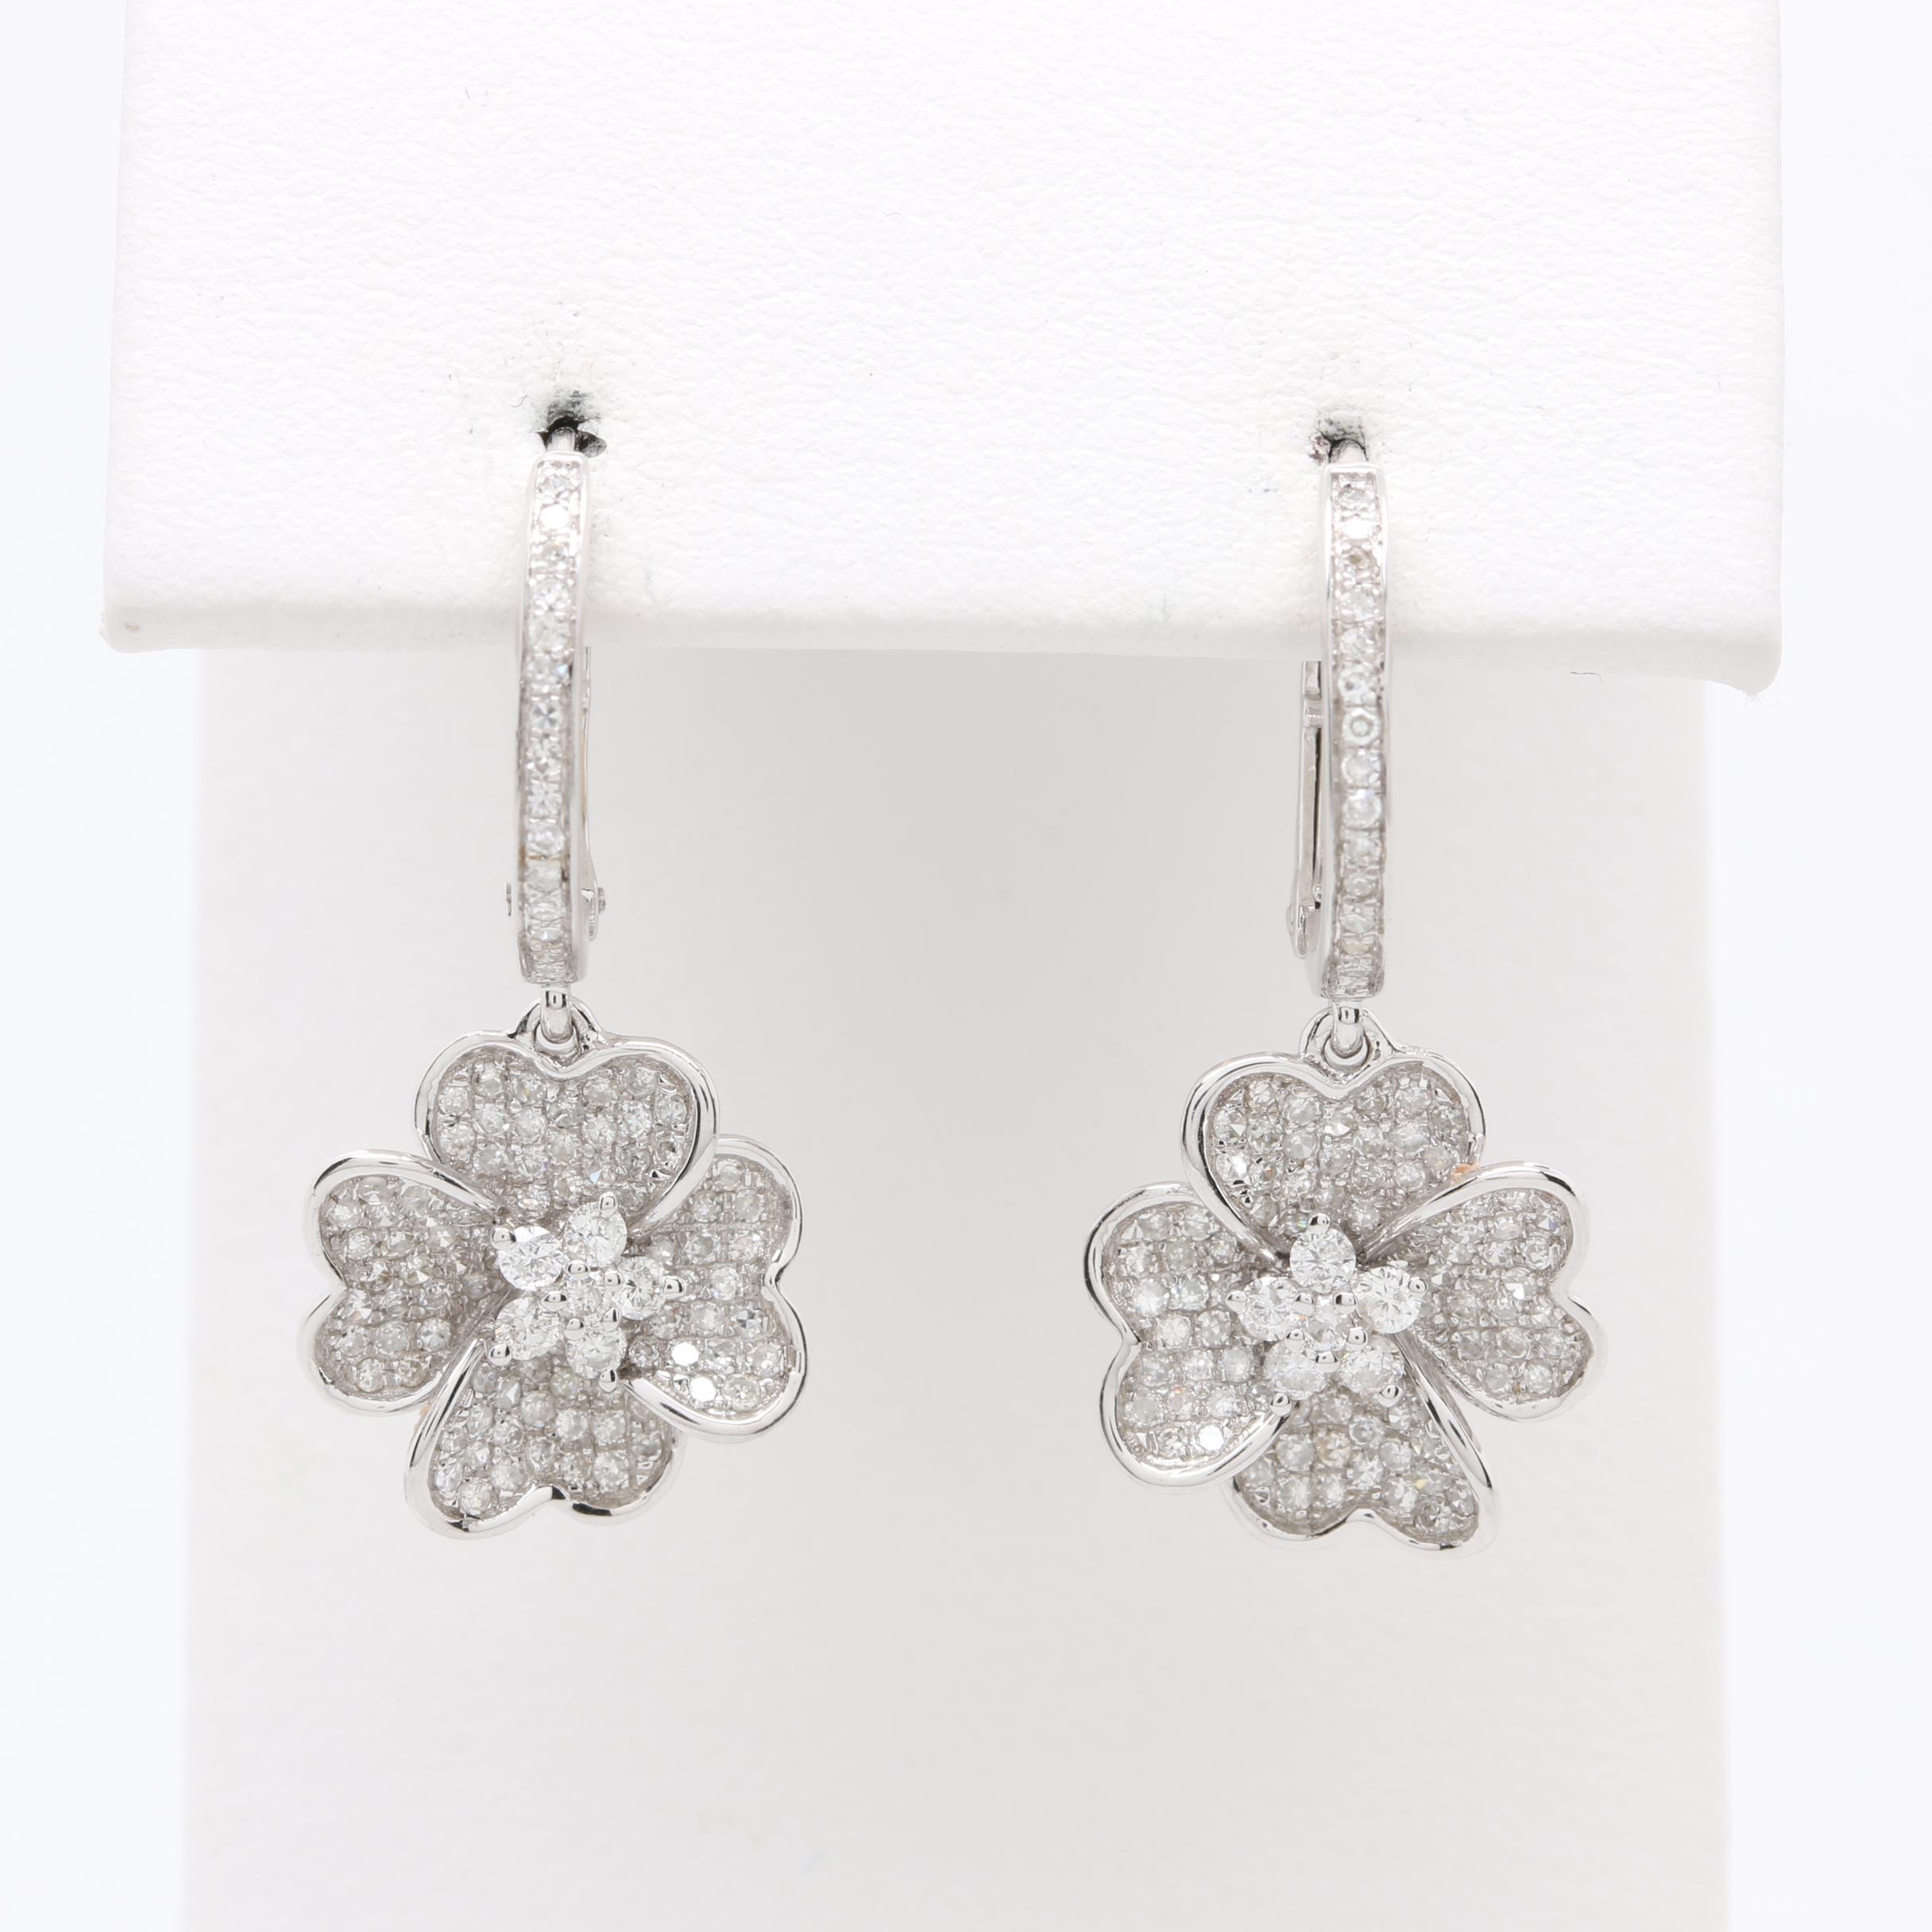 14K White Gold 1.02 CTW Diamond Flower Earrings